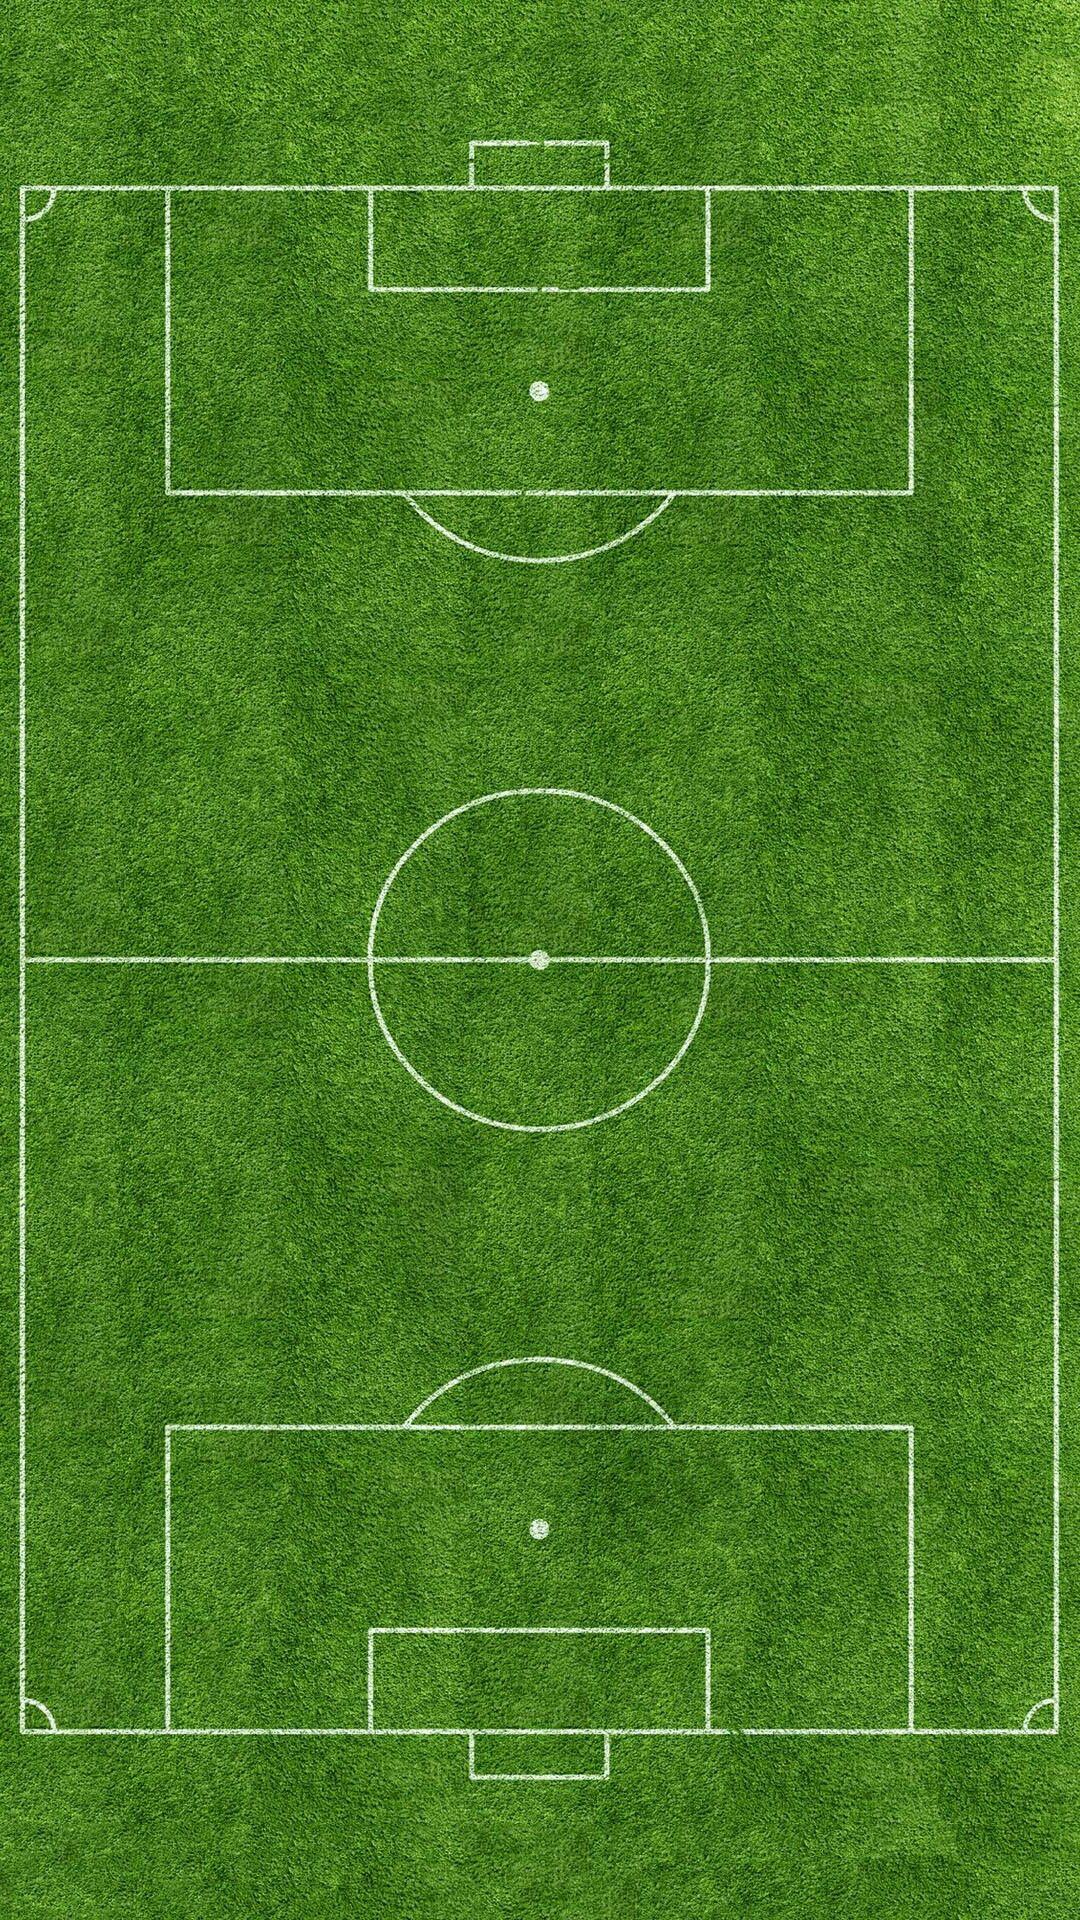 Cancha futbol  c78a8a350bda6